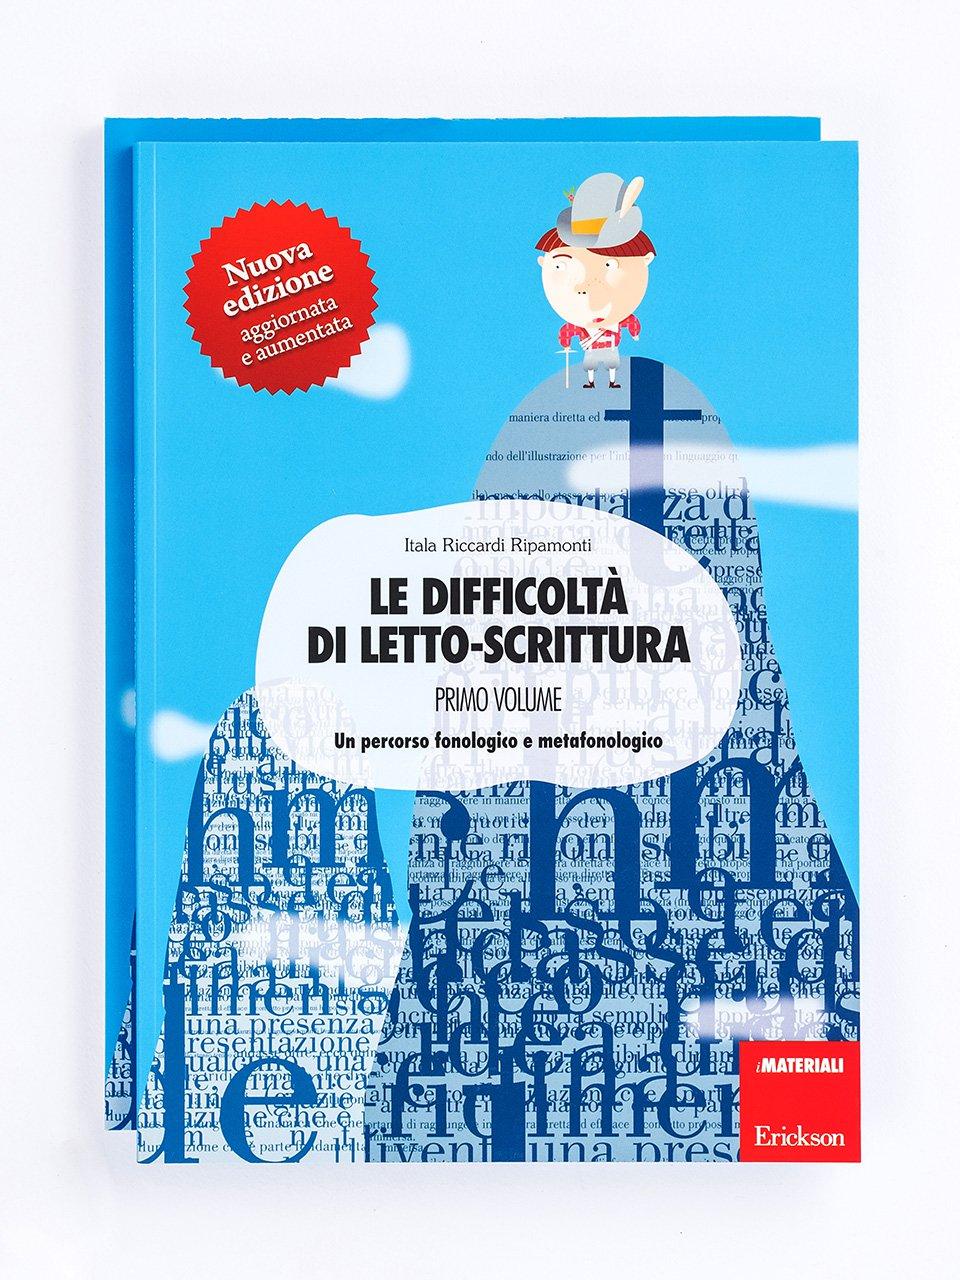 Le difficoltà di letto-scrittura - Volume 1 - Decodifica - Erickson